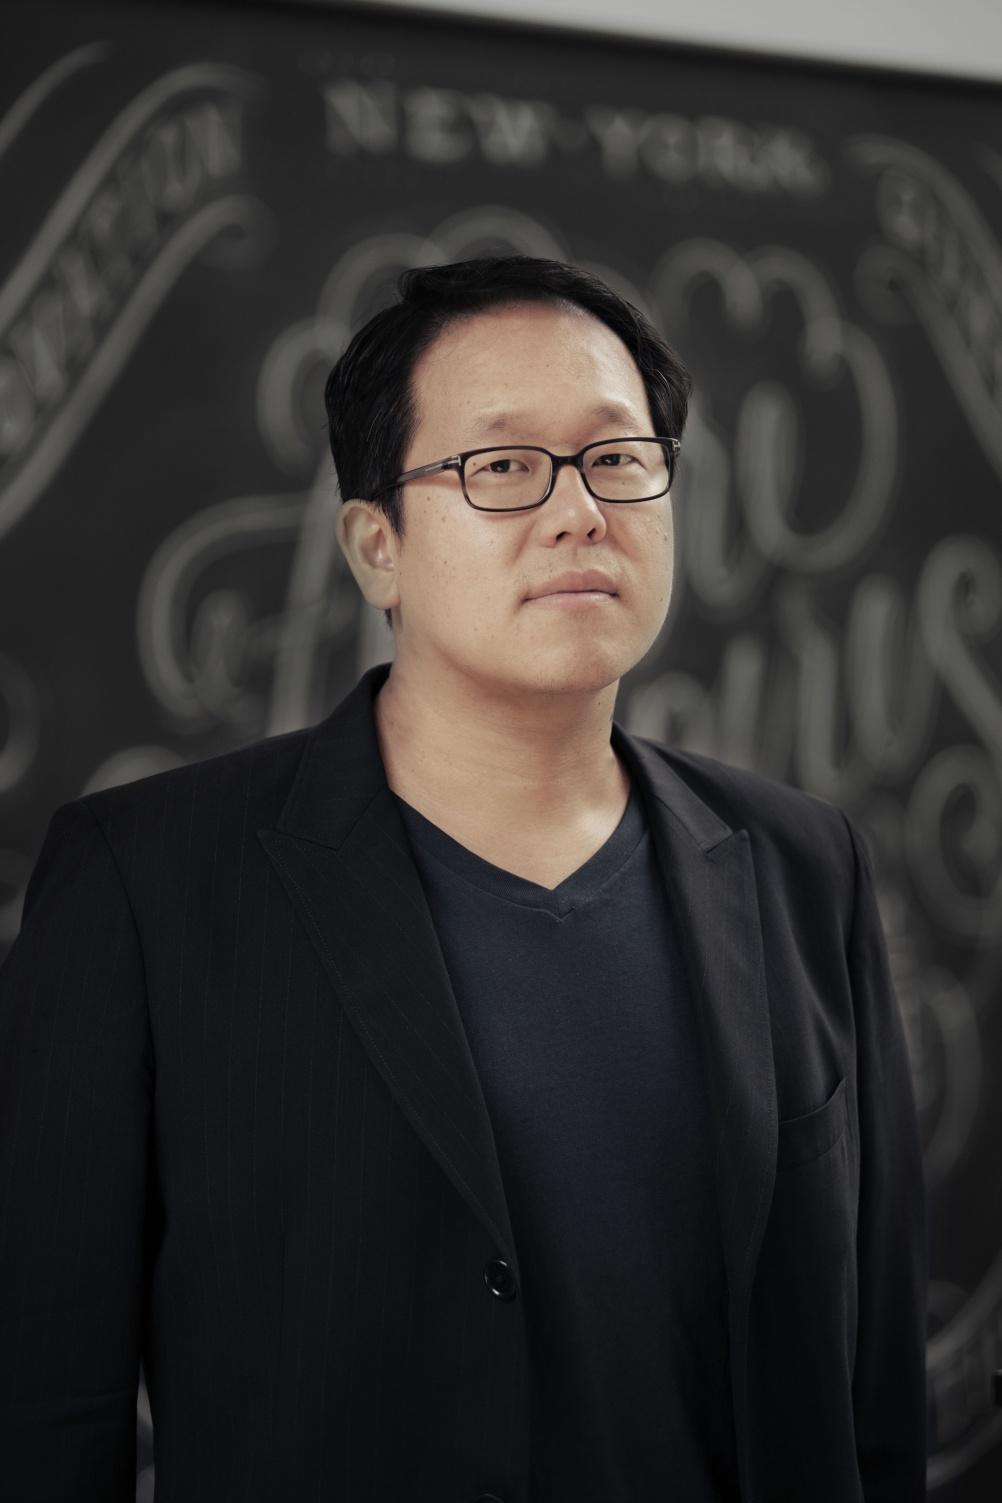 Sung Chang